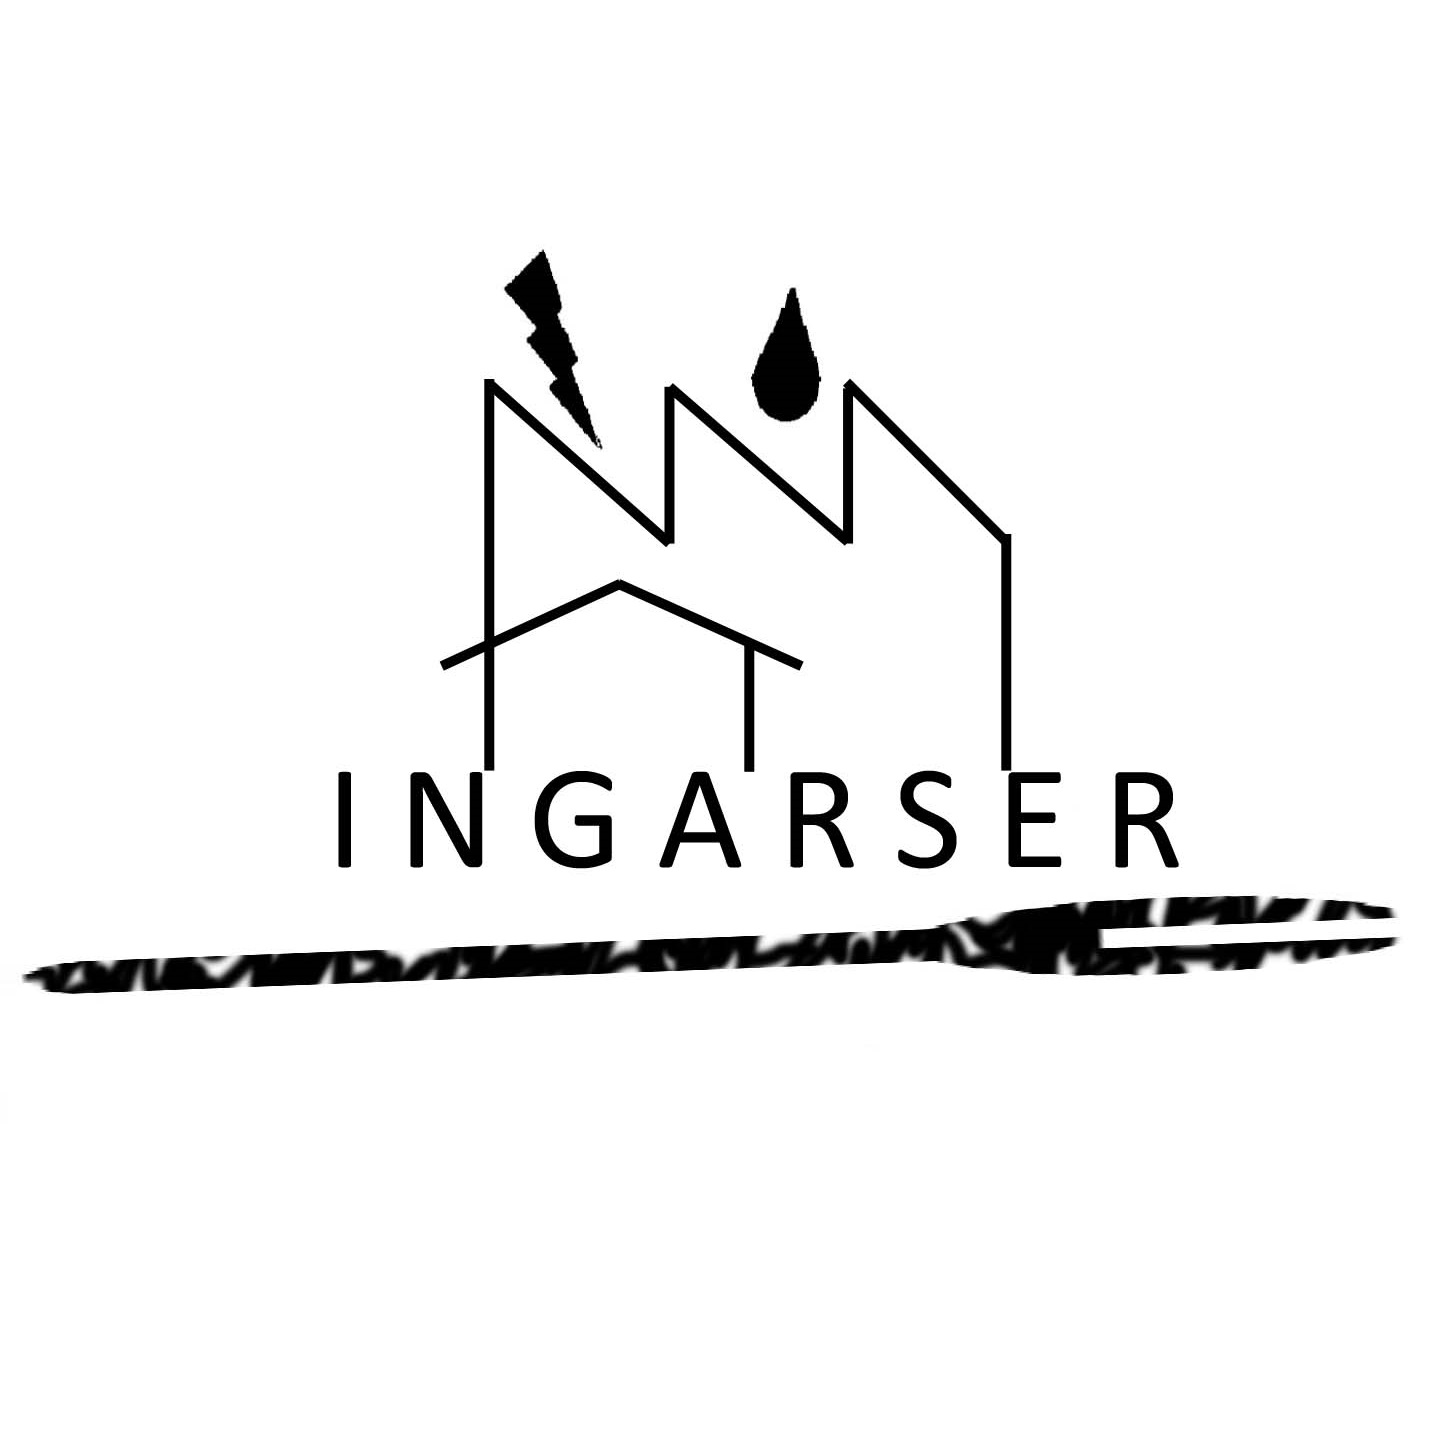 INGARSER